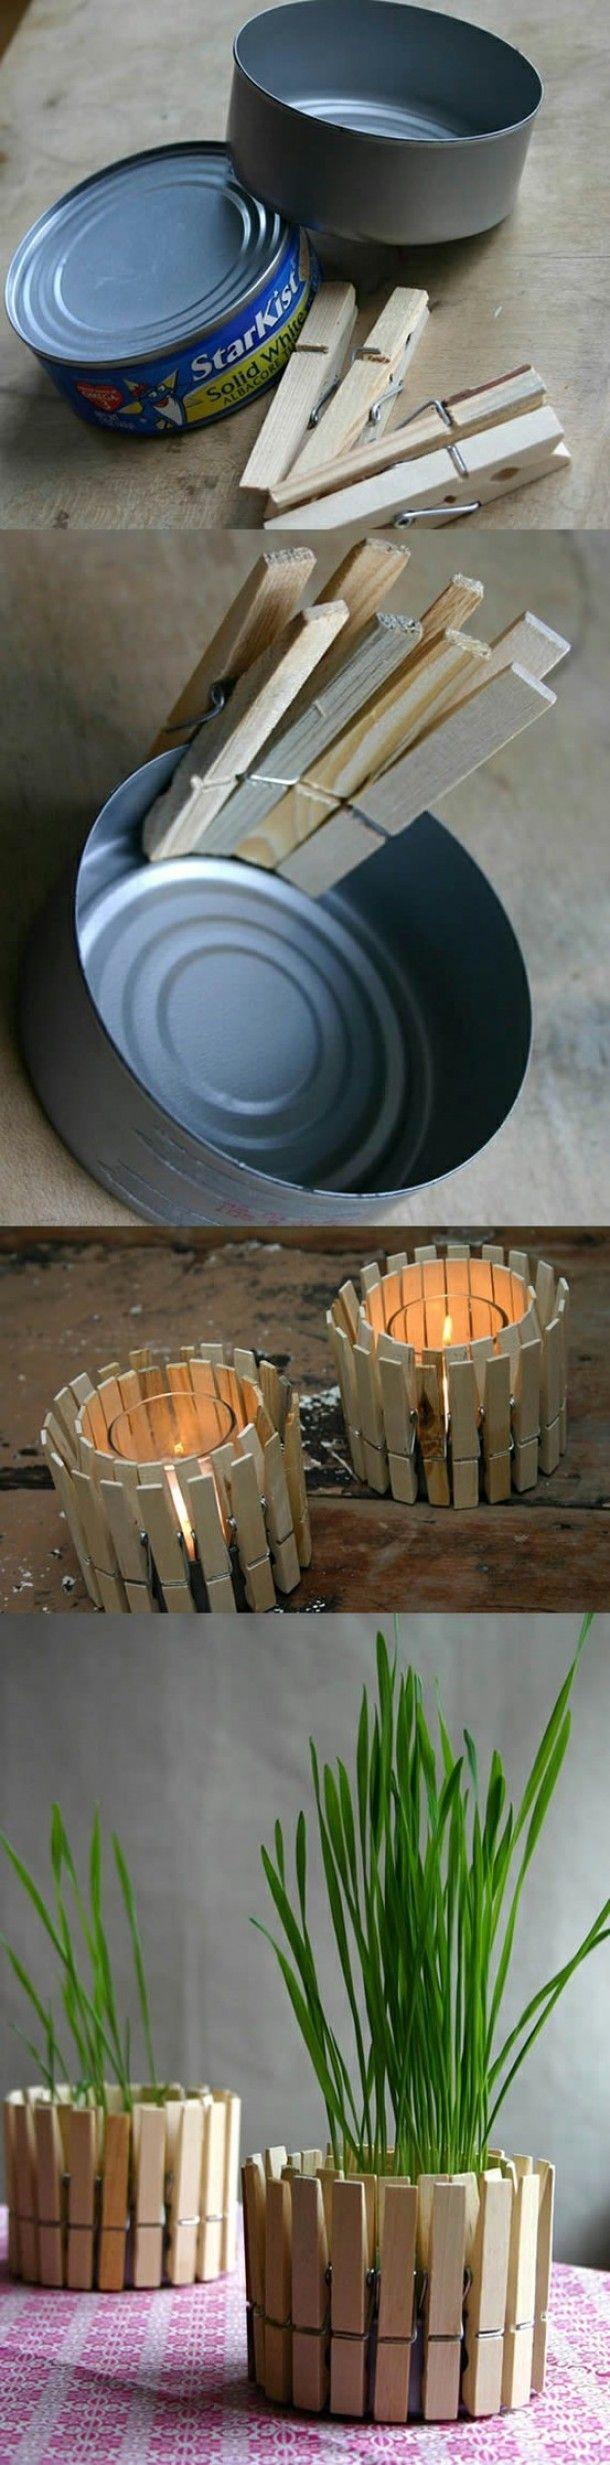 Idée recyclage boite de conserve : des boites de thon + des pinces à linges en bois = photophore ou pot à fleur